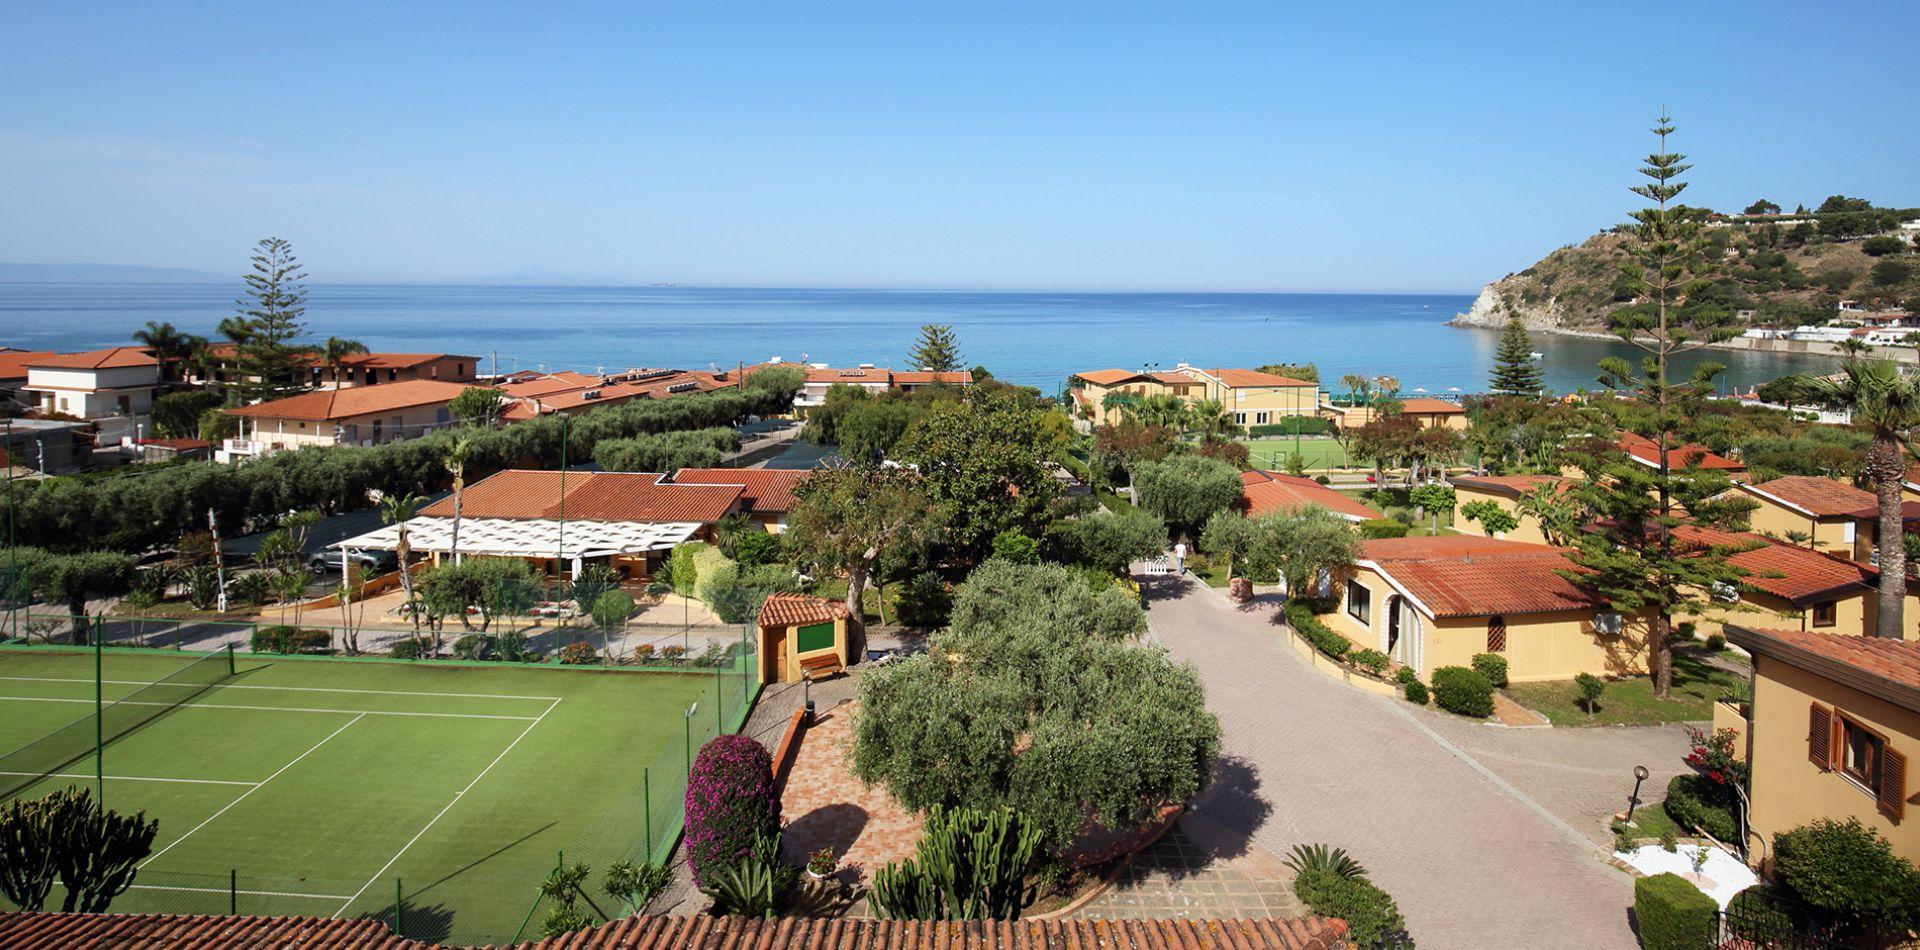 Hotel Villaggio Santa Maria Capo Vaticano vicino Tropea in ...